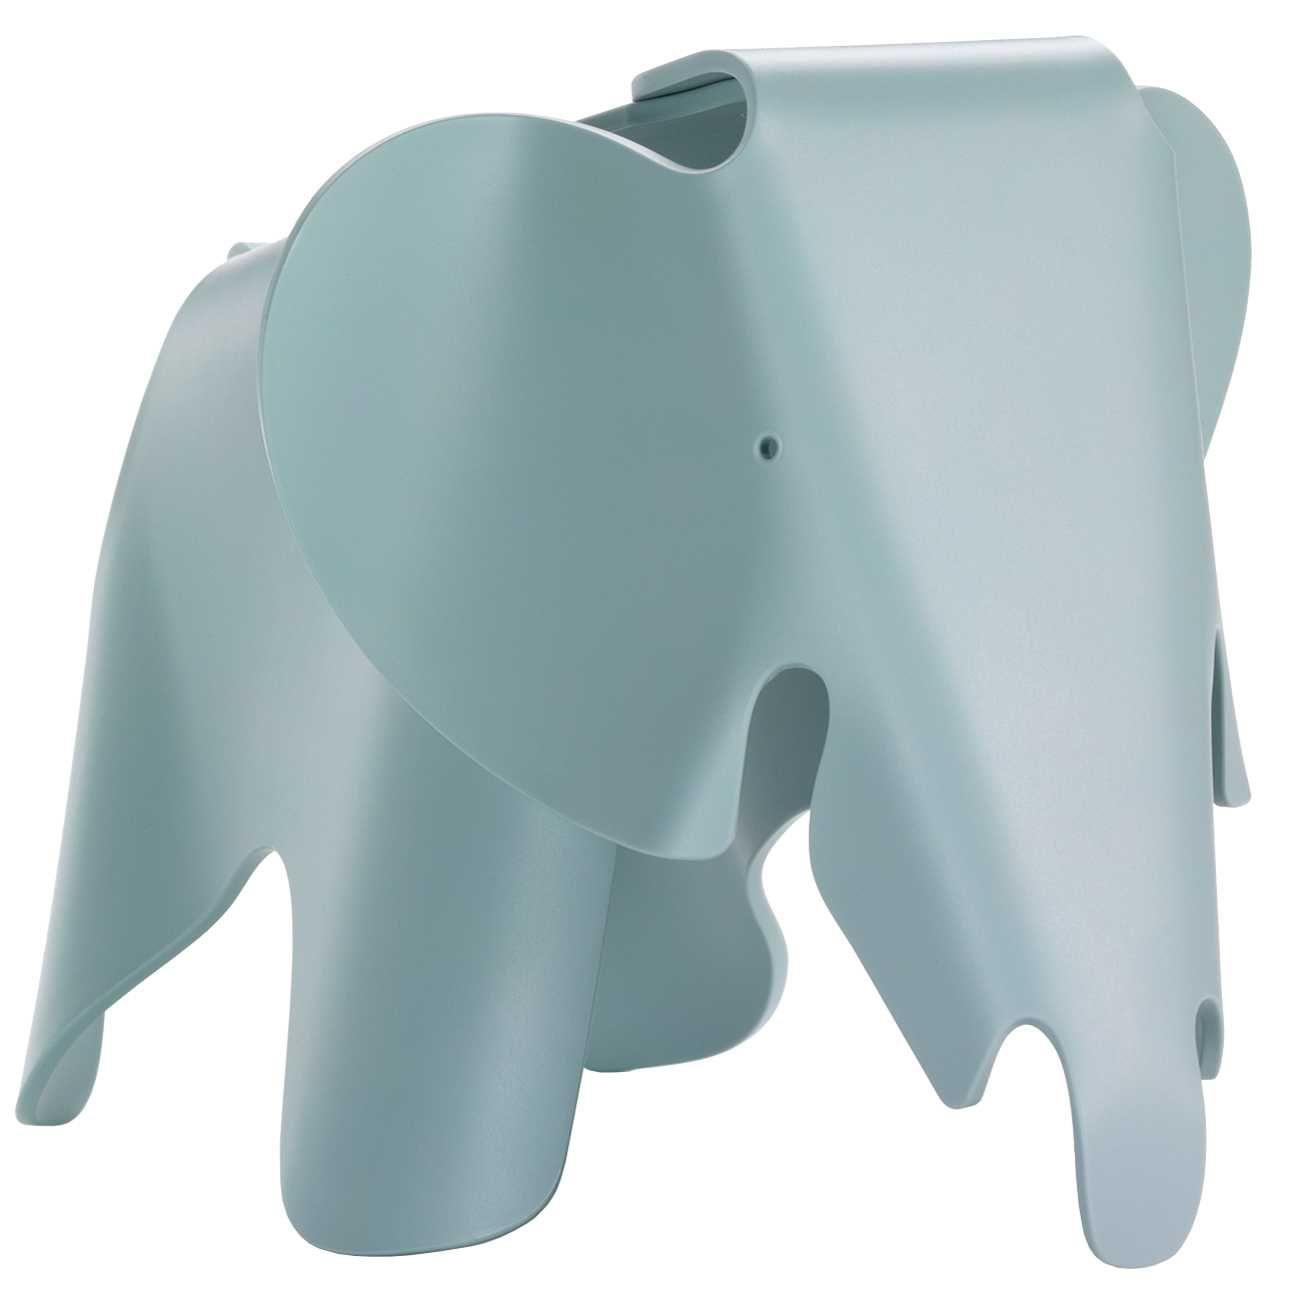 Vitra Eames Elephant kinderstoel ijsgrijs kopen